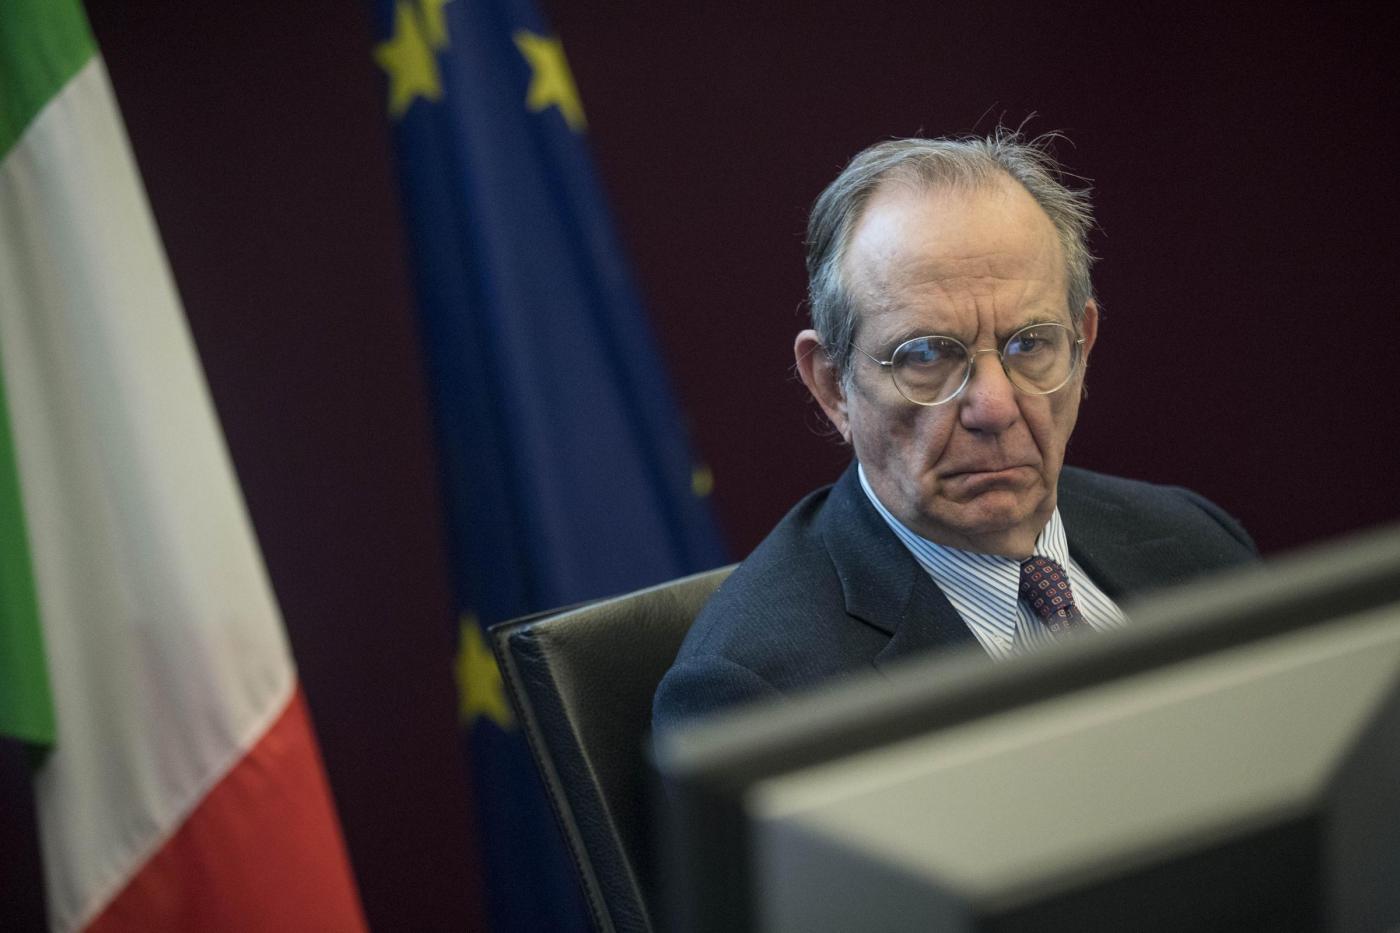 Manovra Correttiva alla Legge Finanziaria: tutti i punti e le novità